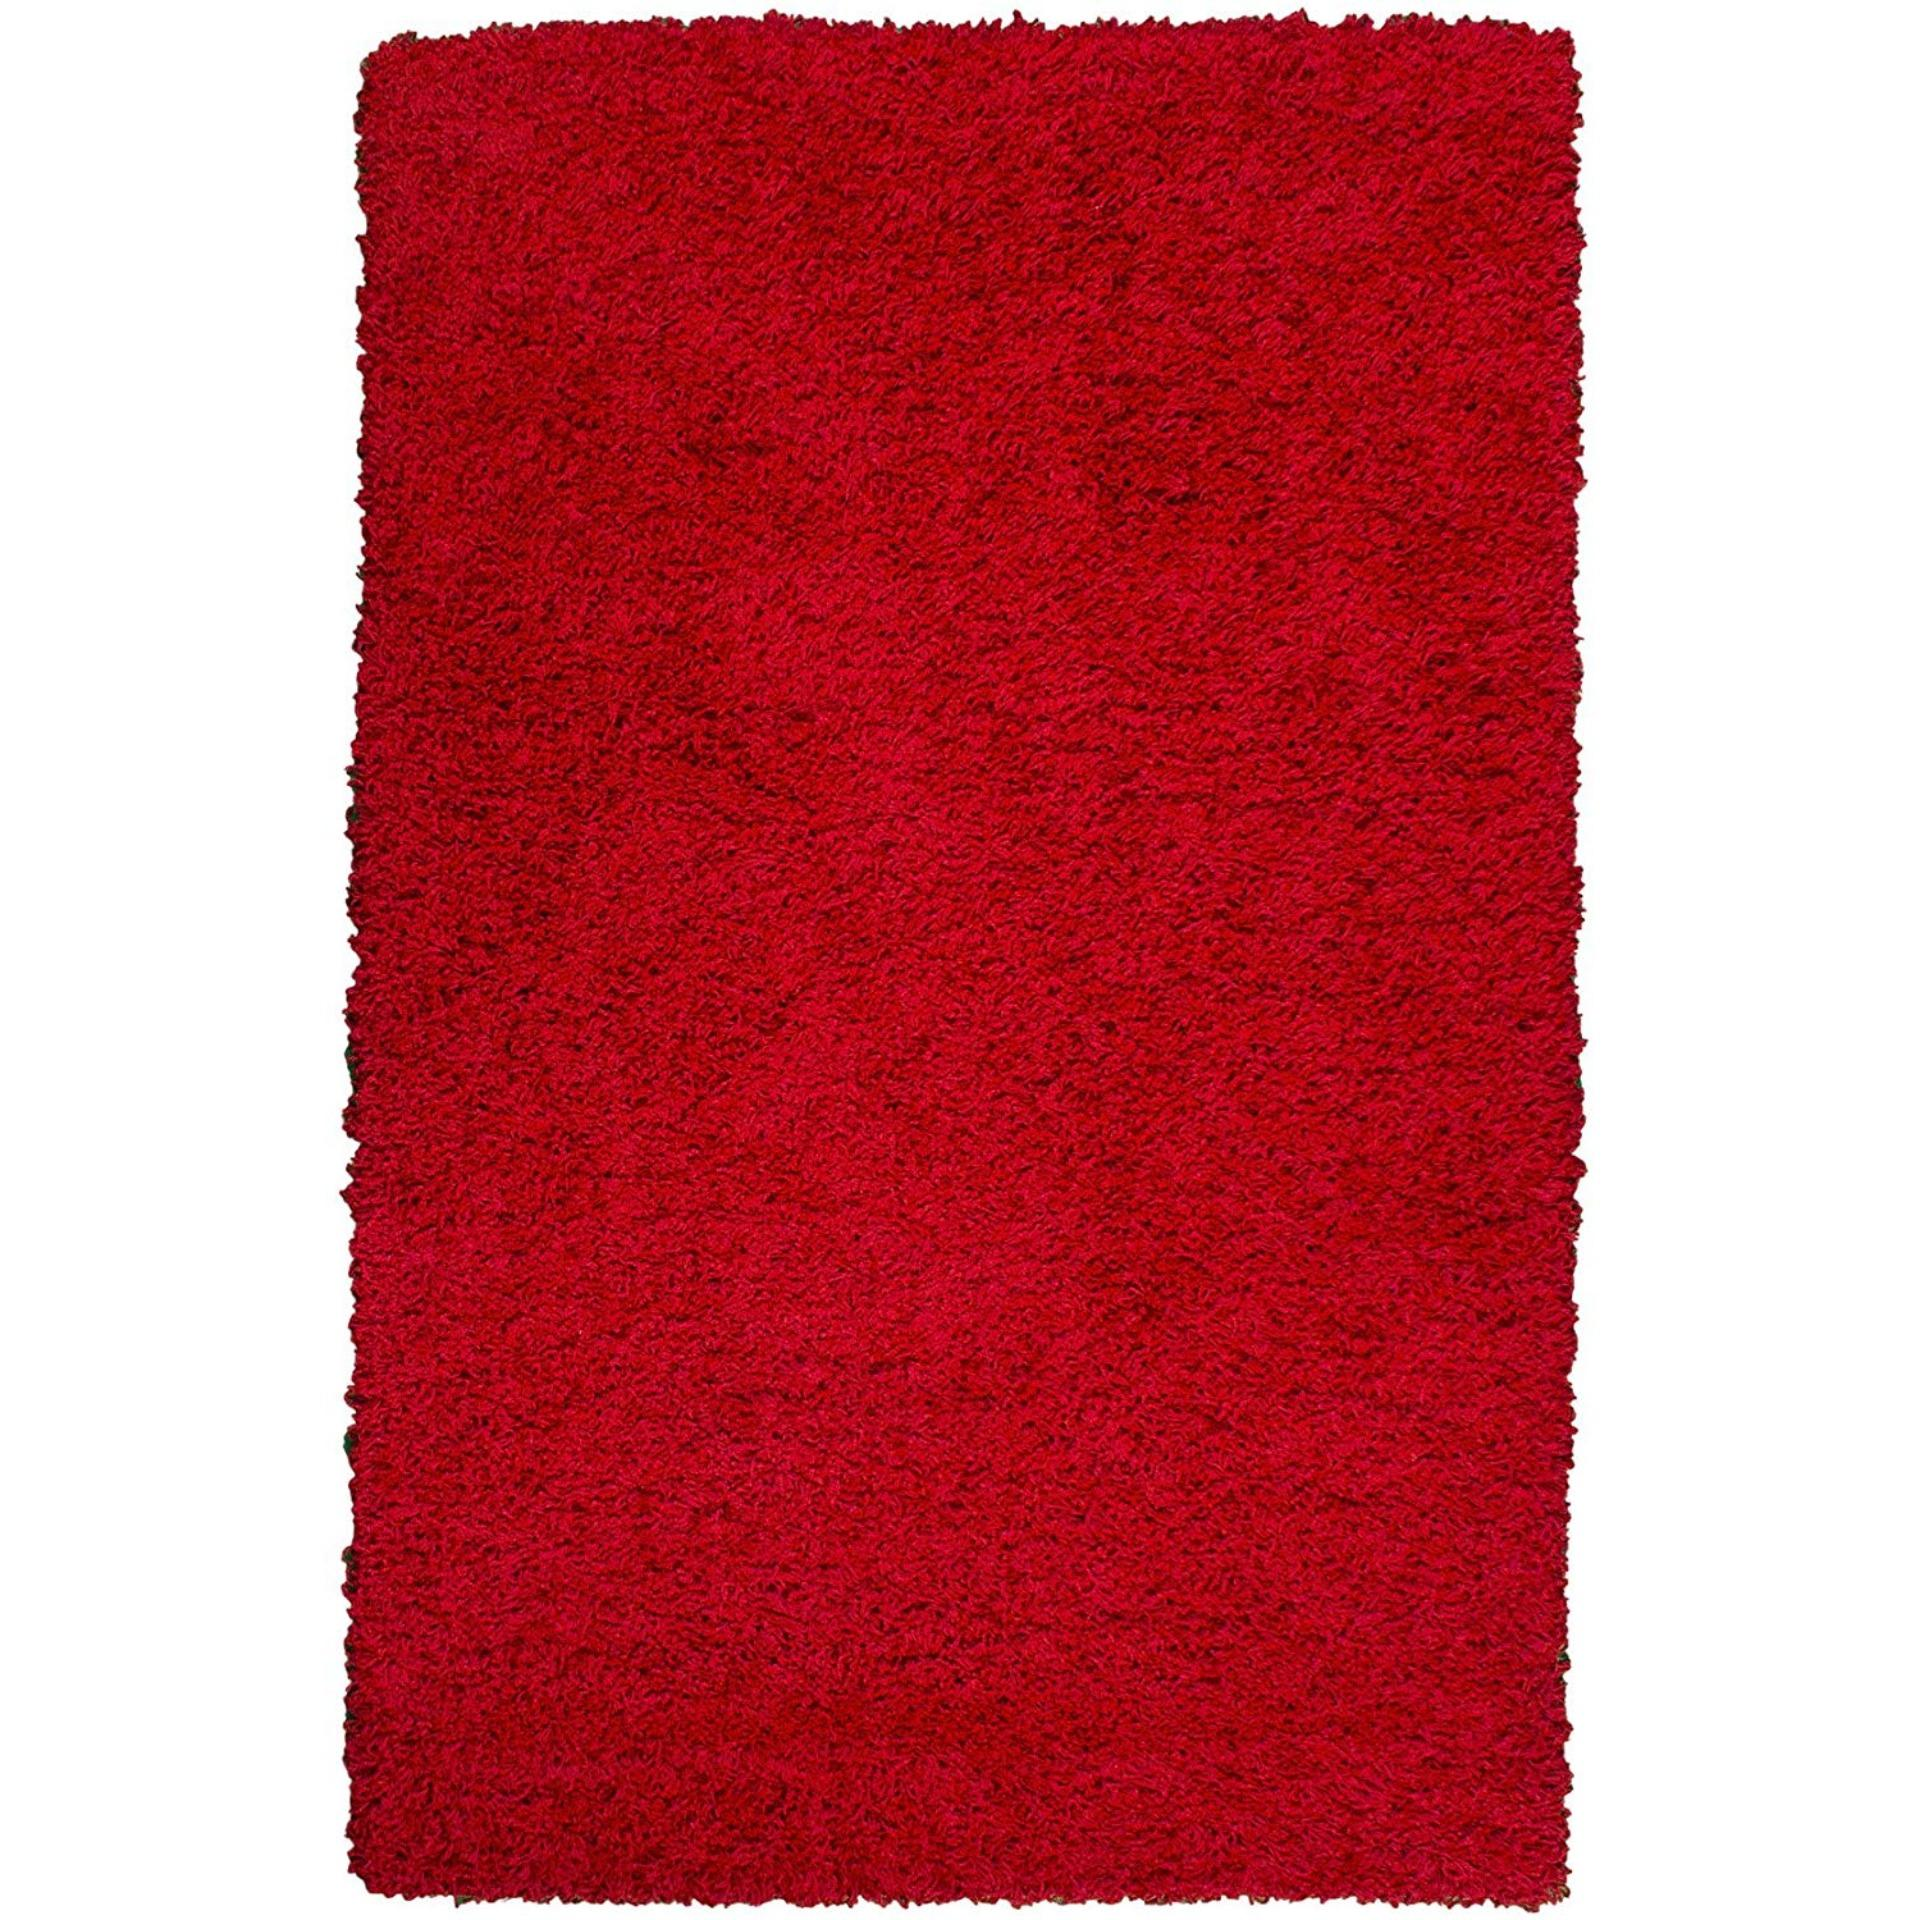 Karpet Bulu Empuk 100x150x 3cm By Shanti_olshop.